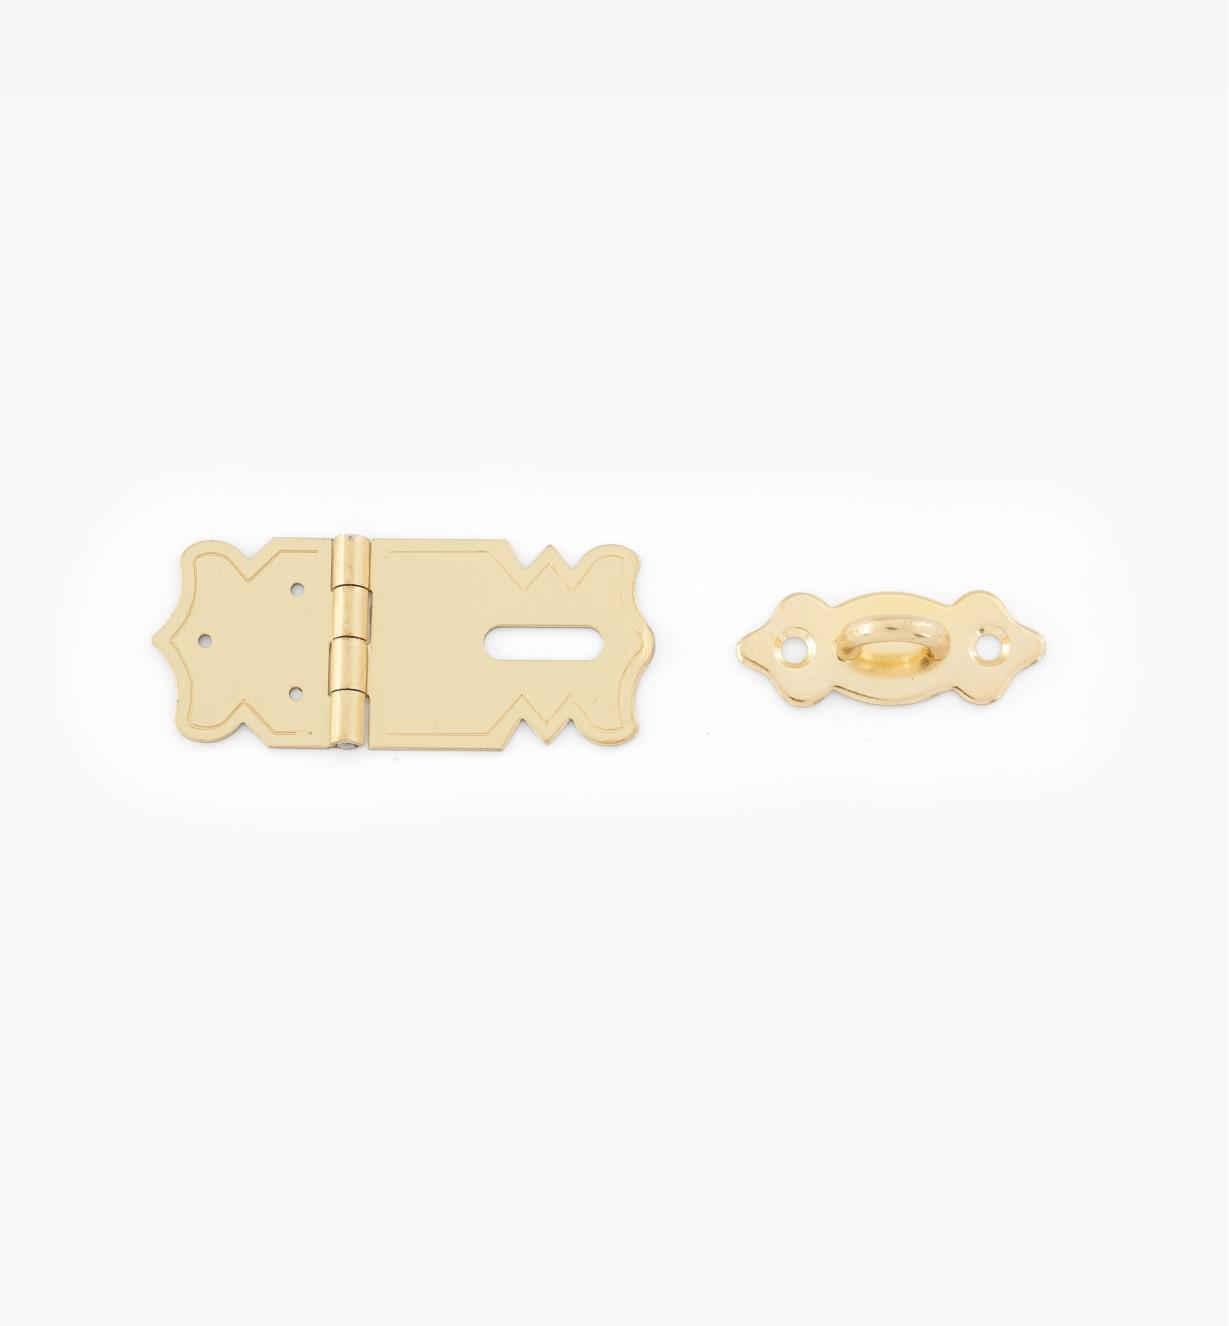 00D4203 - 20mm x 47mm Hasp